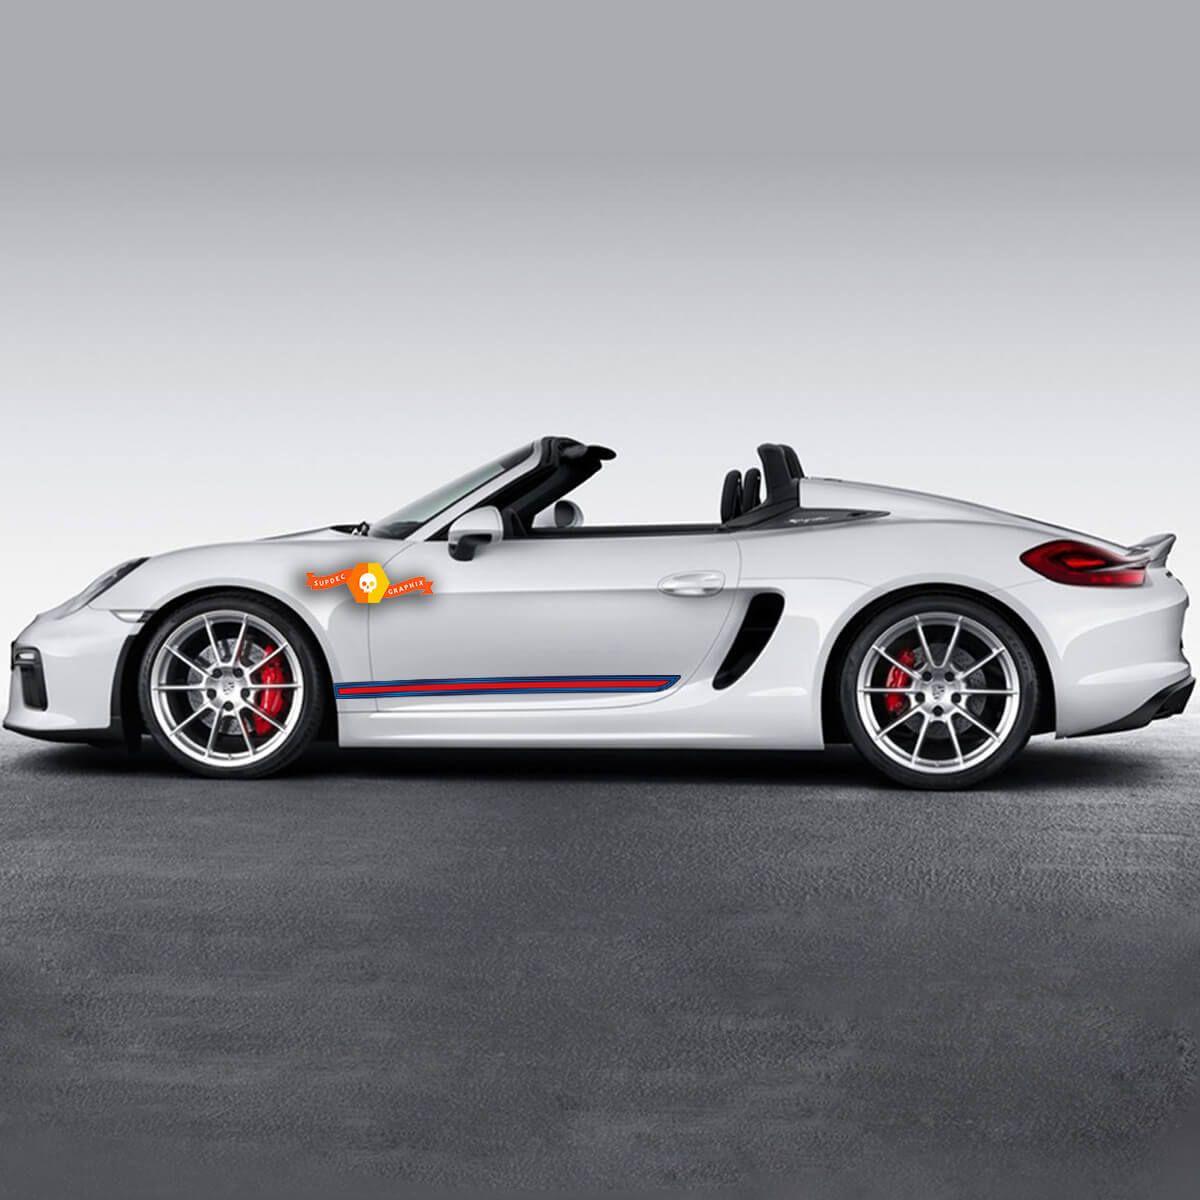 Pin On Porsche Decals [ 1200 x 1200 Pixel ]